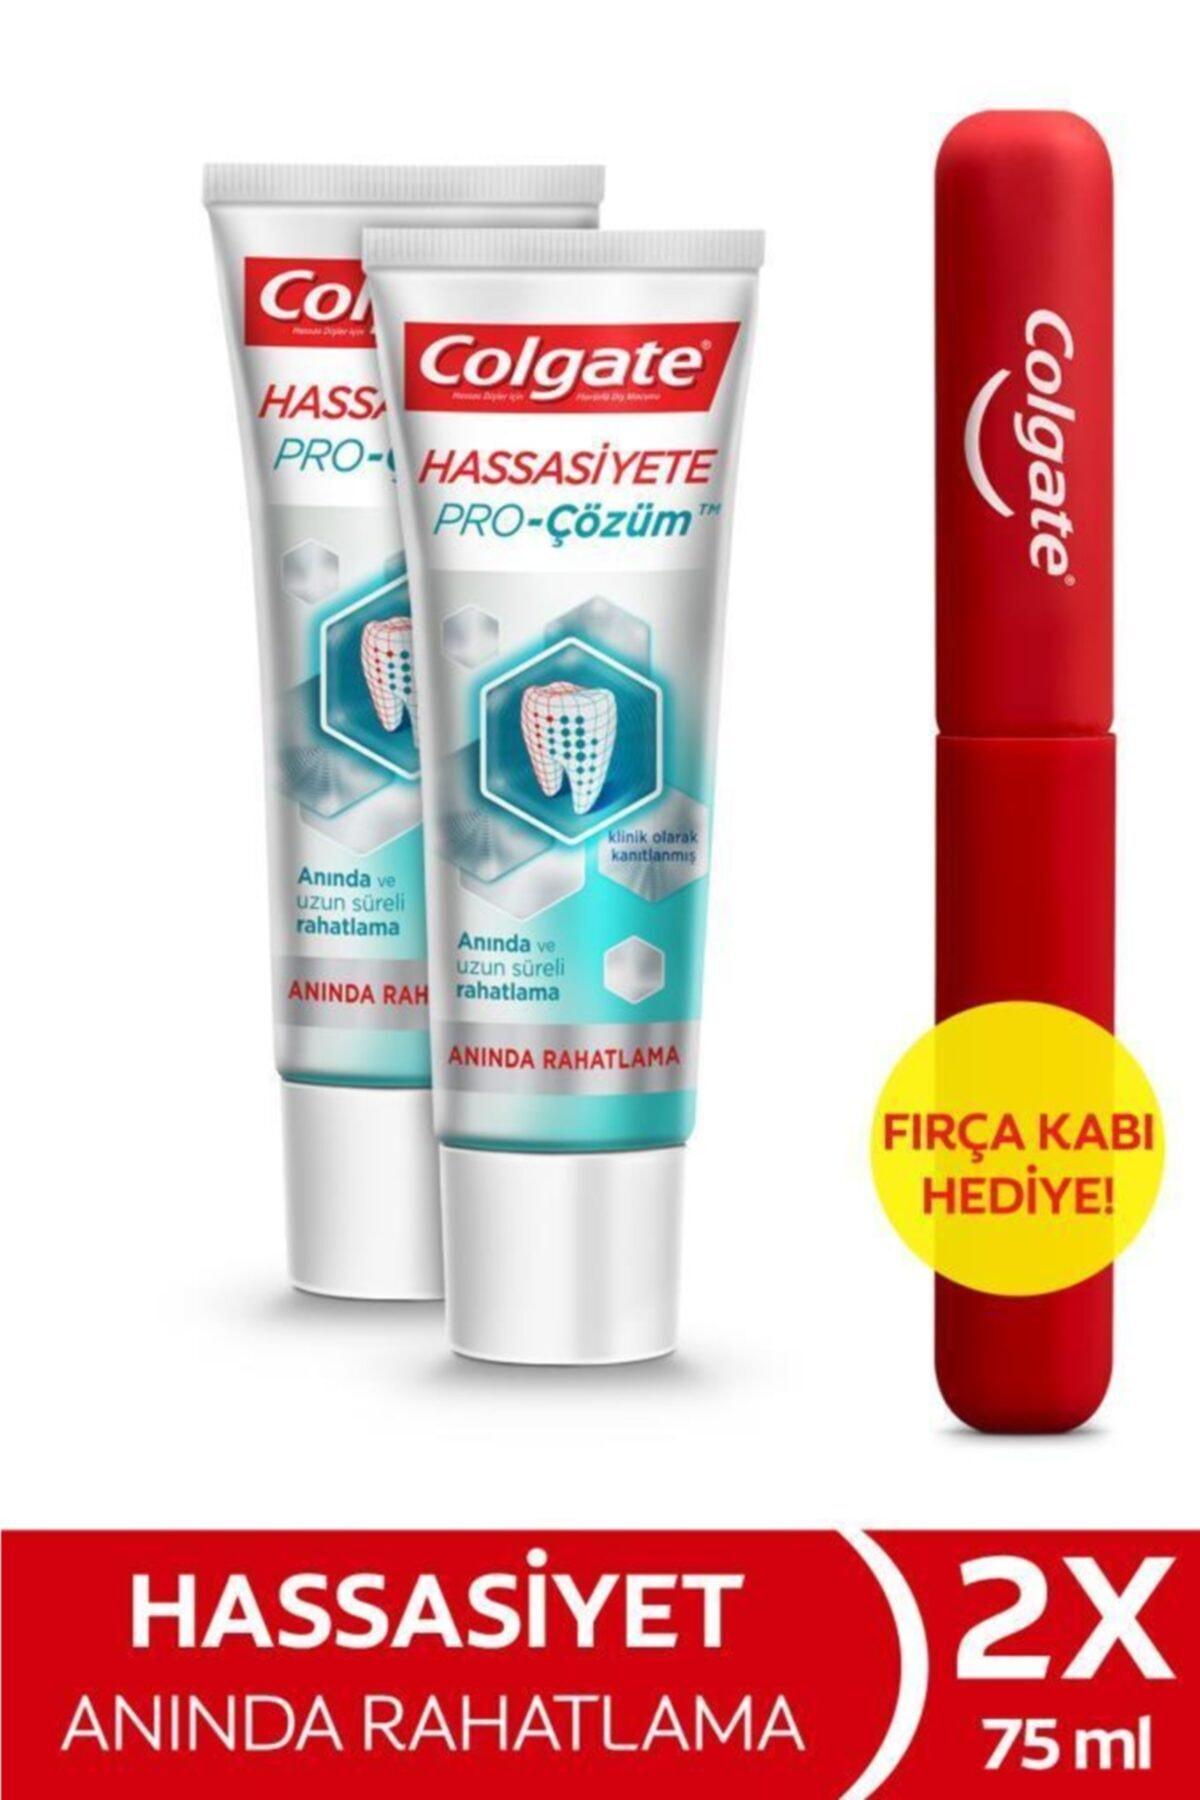 Colgate Hassasiyete Pro Çözüm Anında Rahatlama Diş Macunu 2 X 75 ml + Diş Fırçası Kabı Hediye 1